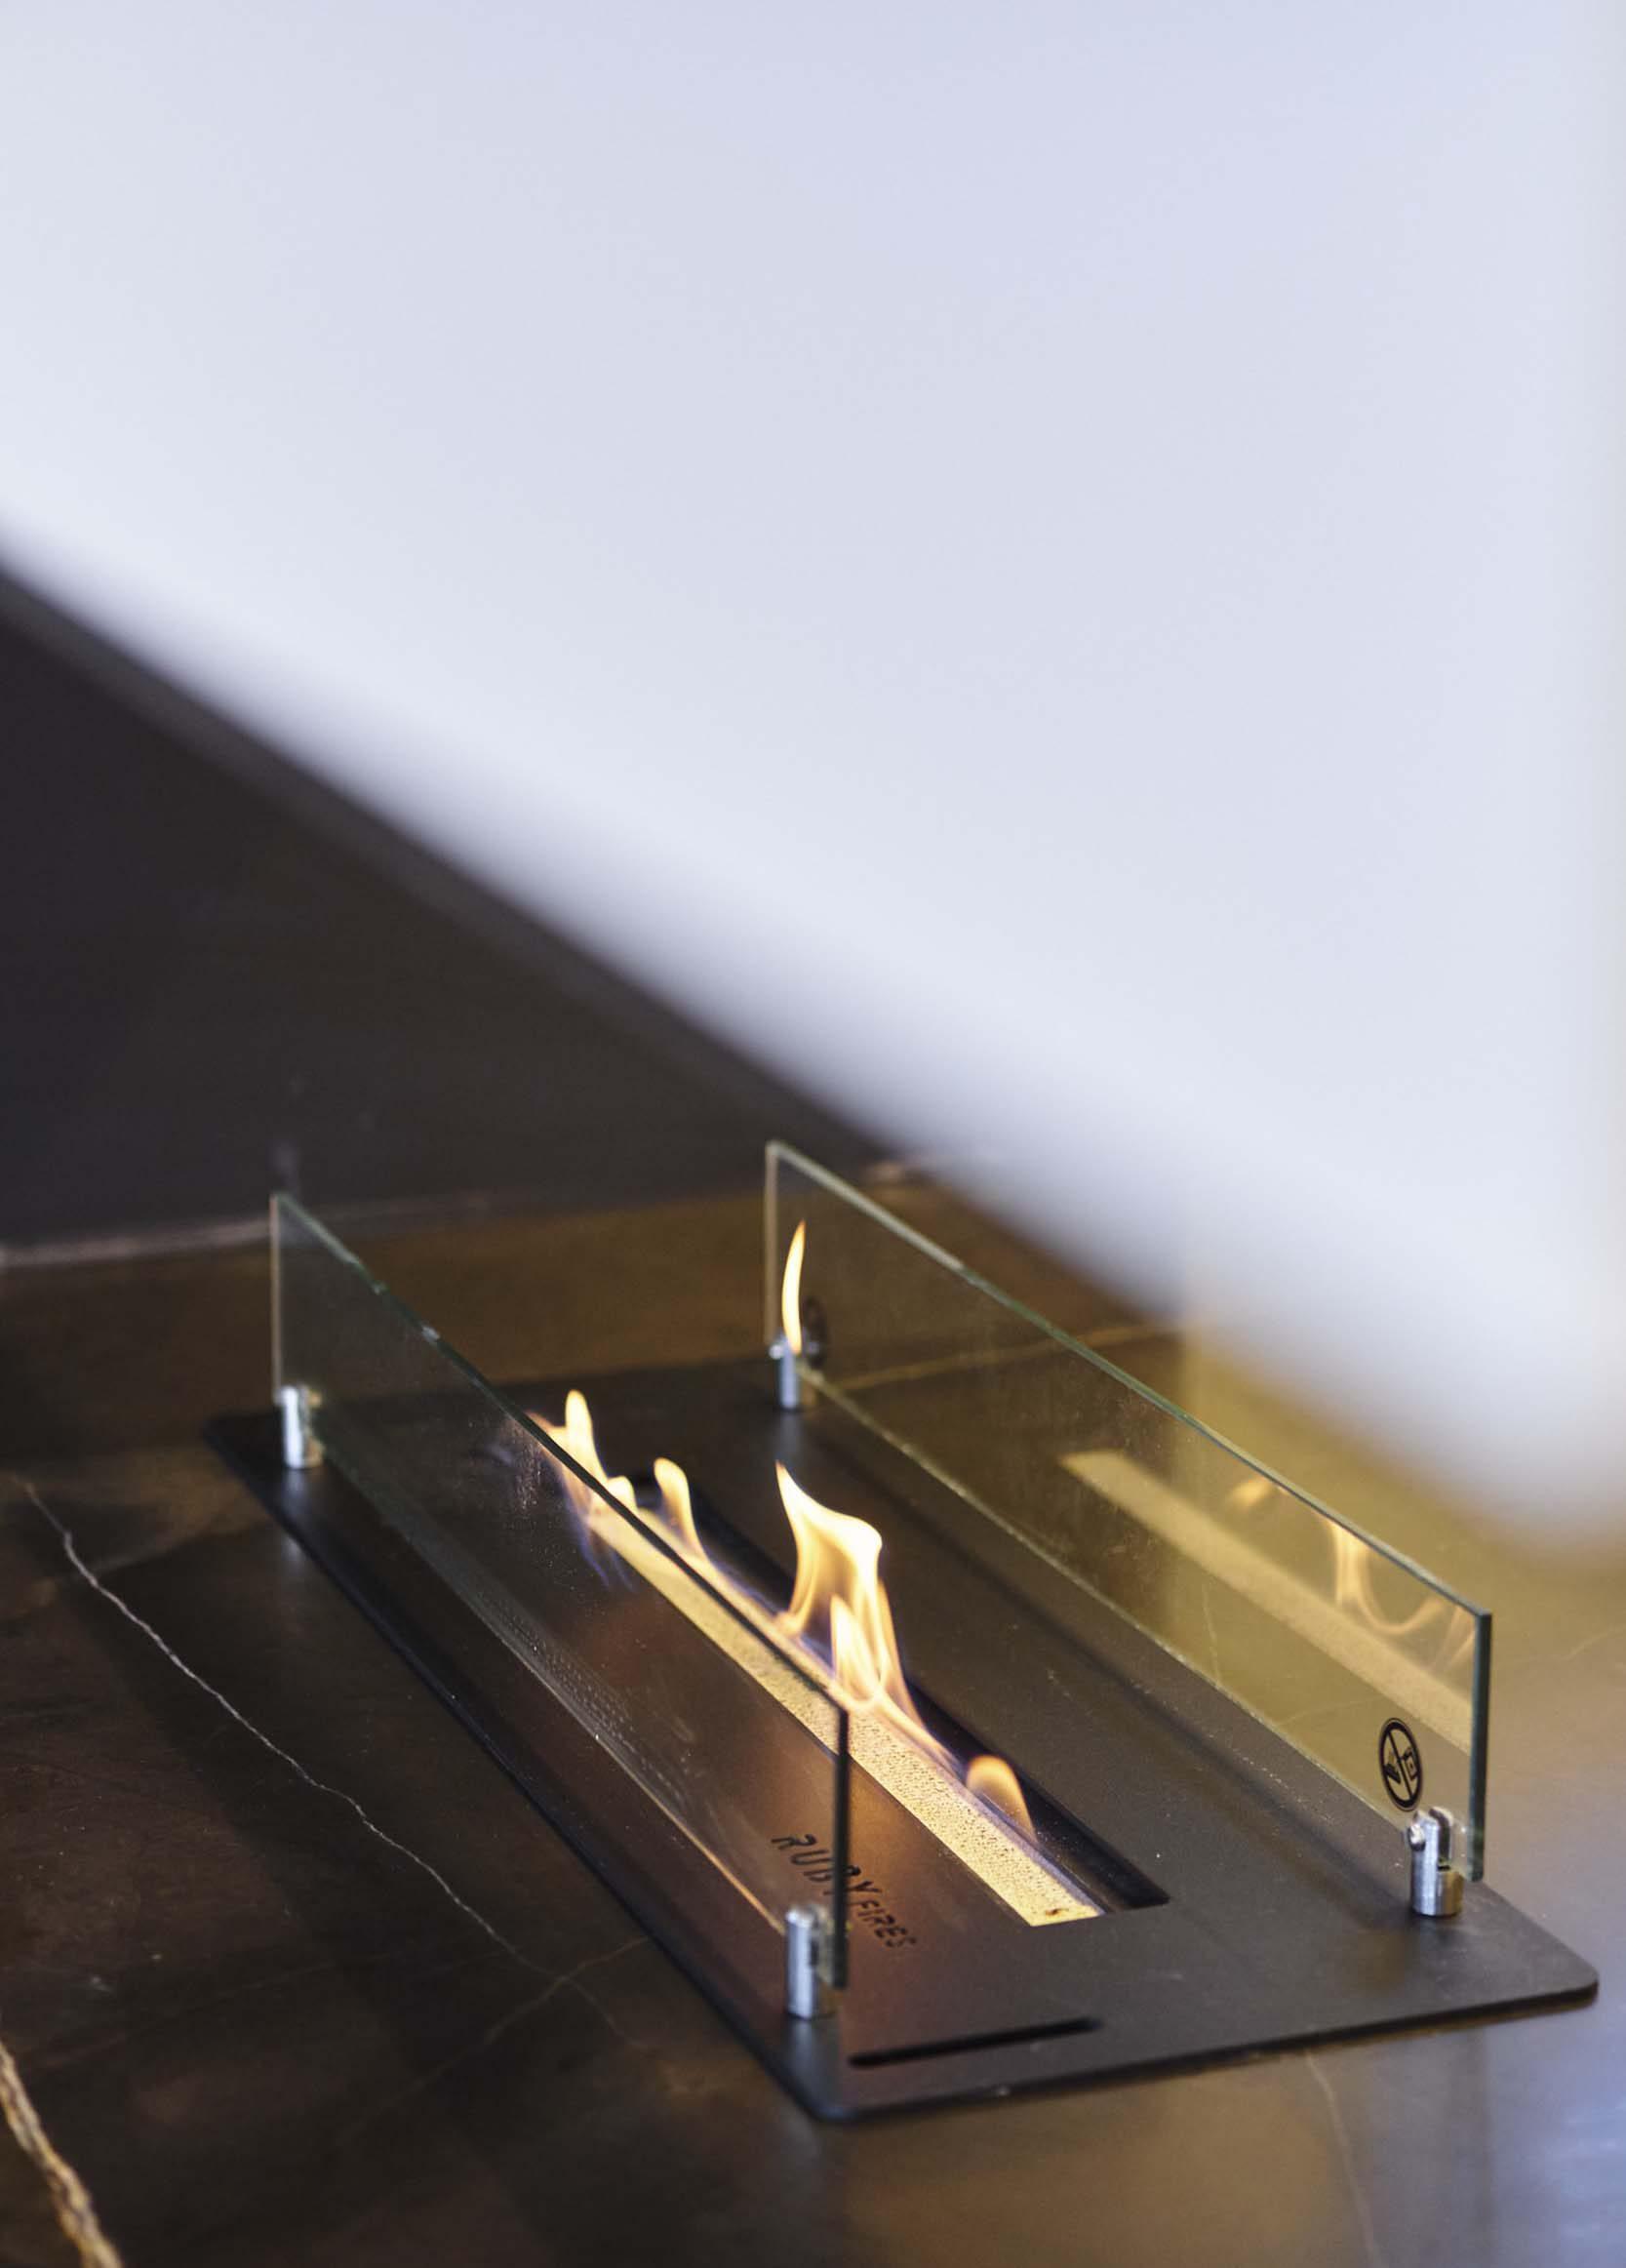 Vanda-projects-interieurinrichting-meubelmakerij-oost-vlaanderen-riem-glas-vlam